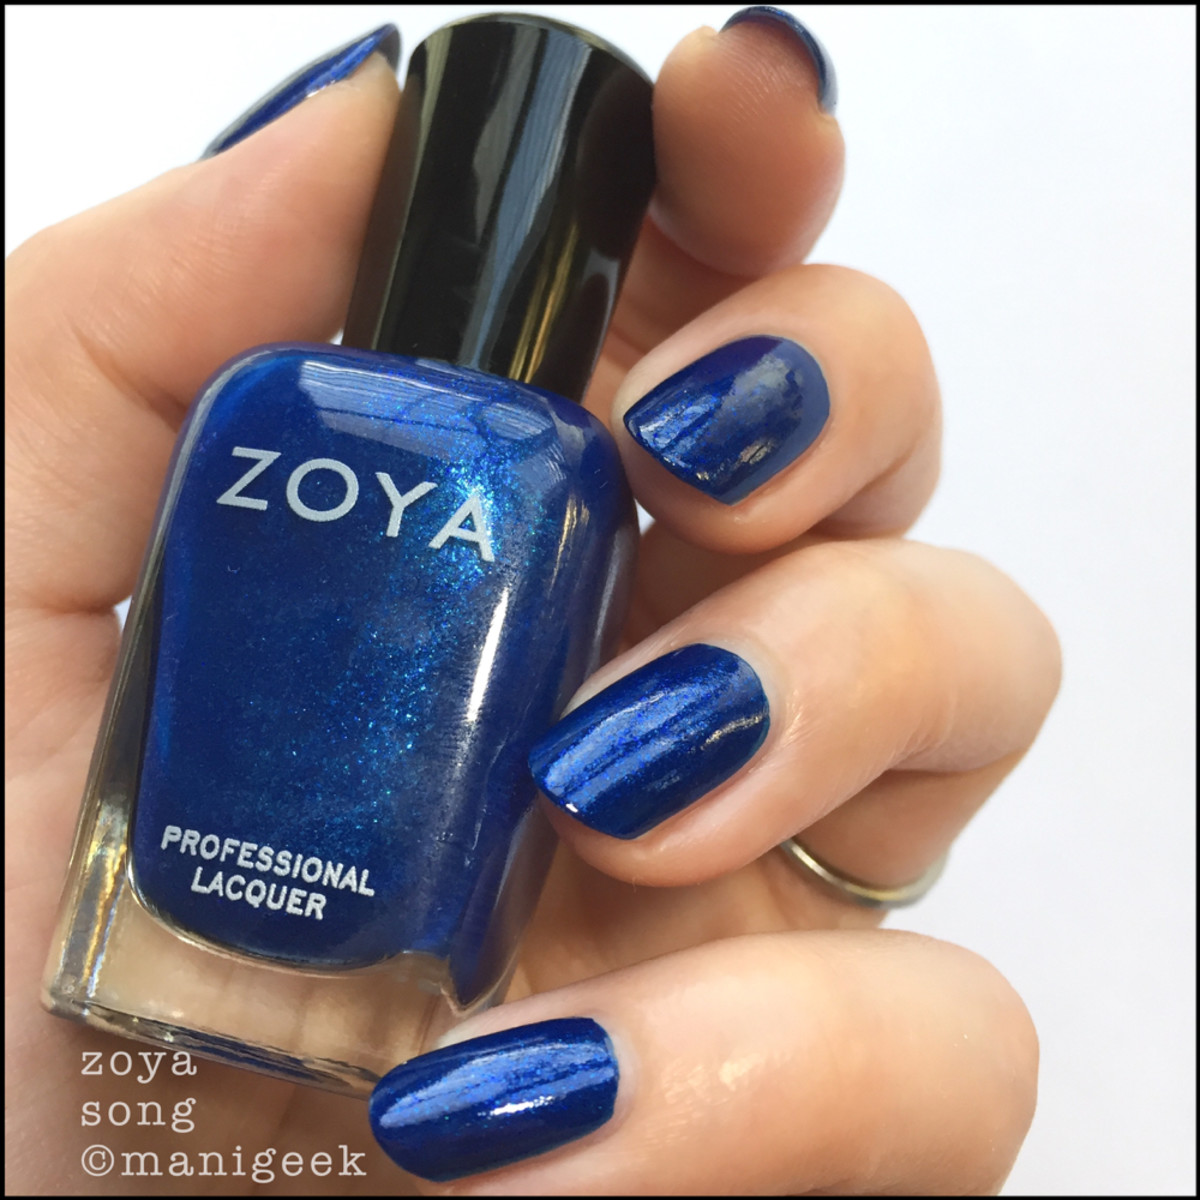 Zoya - Song _ Manigeek 1000 Days of Untrieds